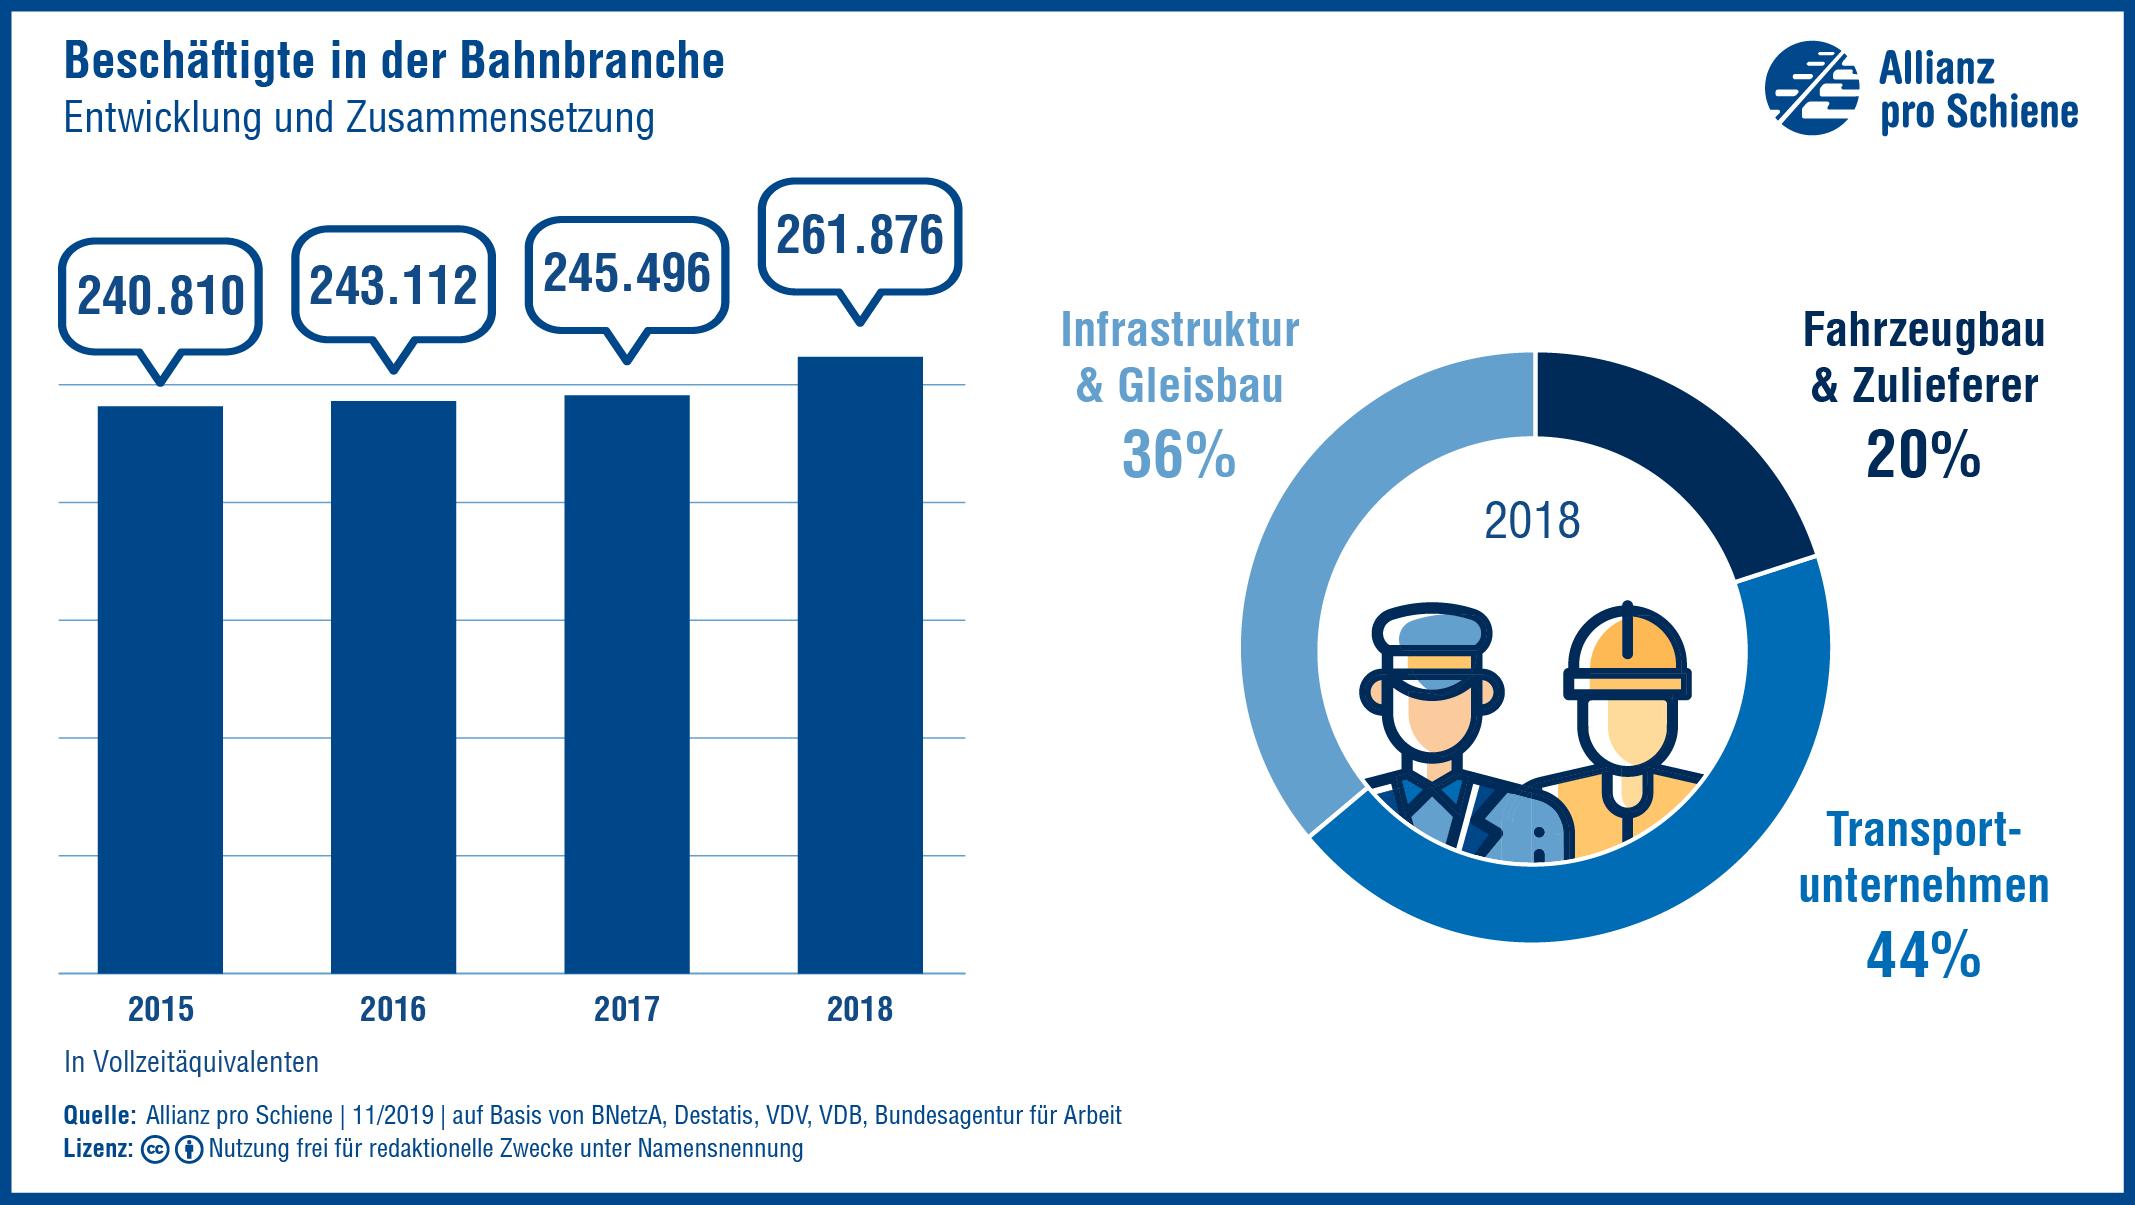 Die Schienenbranche wird mehr und mehr zum Beschäftigungsmotor: Die Zahl der Arbeitsplätze steigt deutlich.